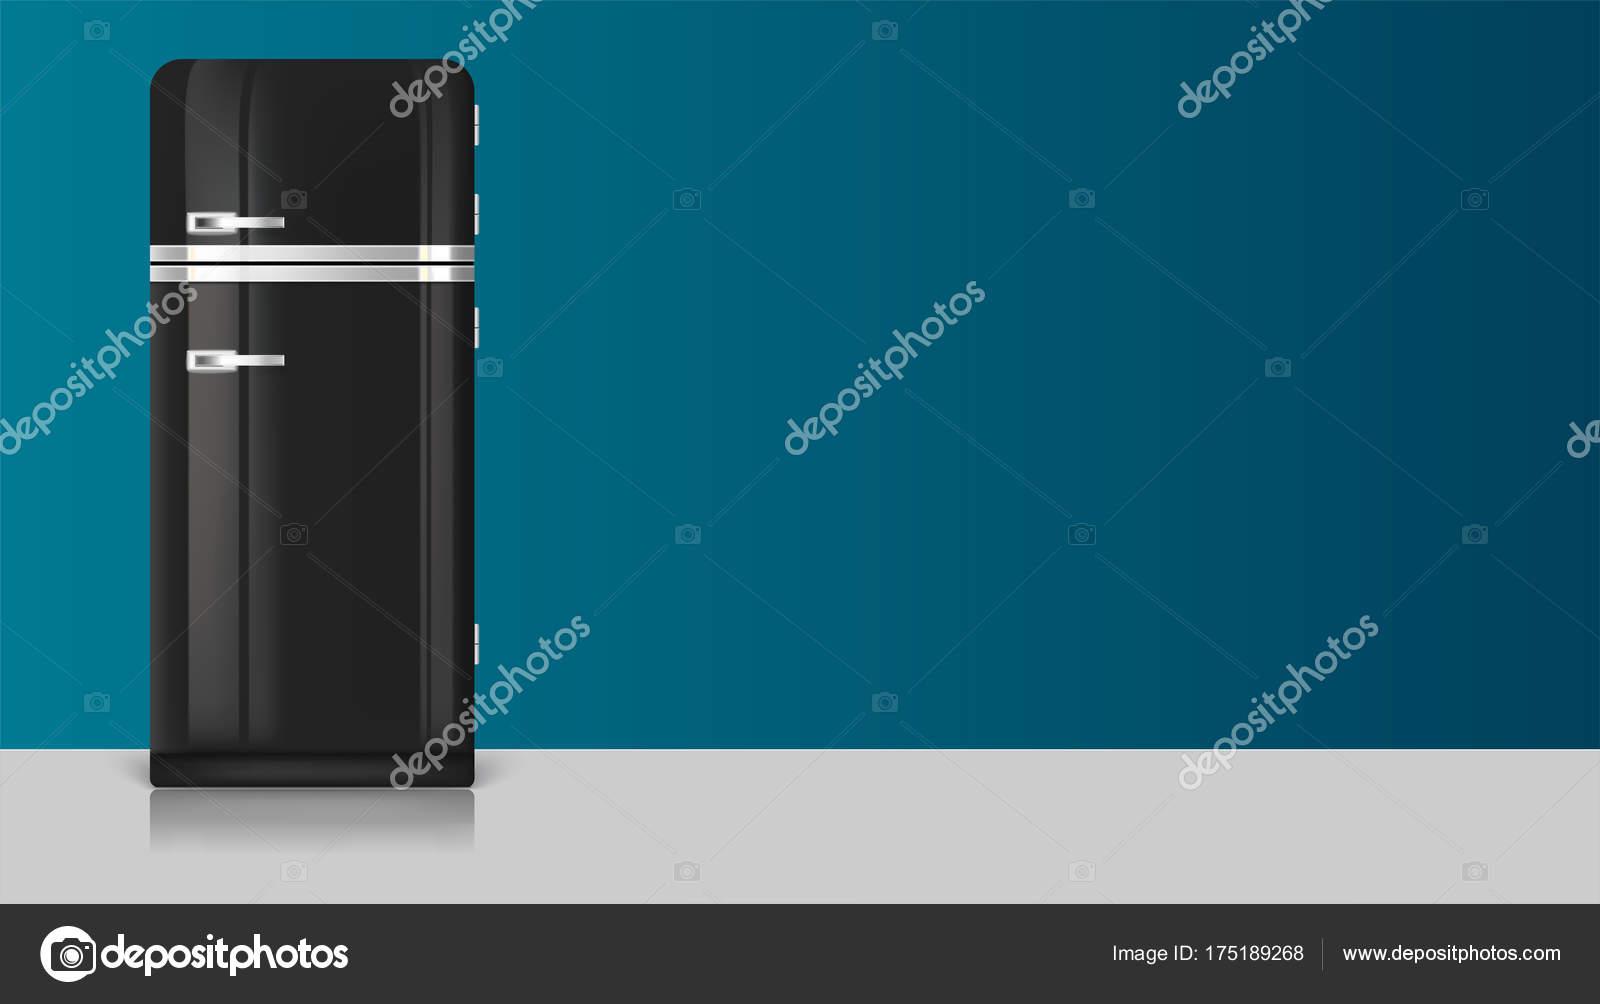 Kühlschrank Retro Schwarz : Realistische vintage schwarz kühlschrank symbol vorlage mit retro